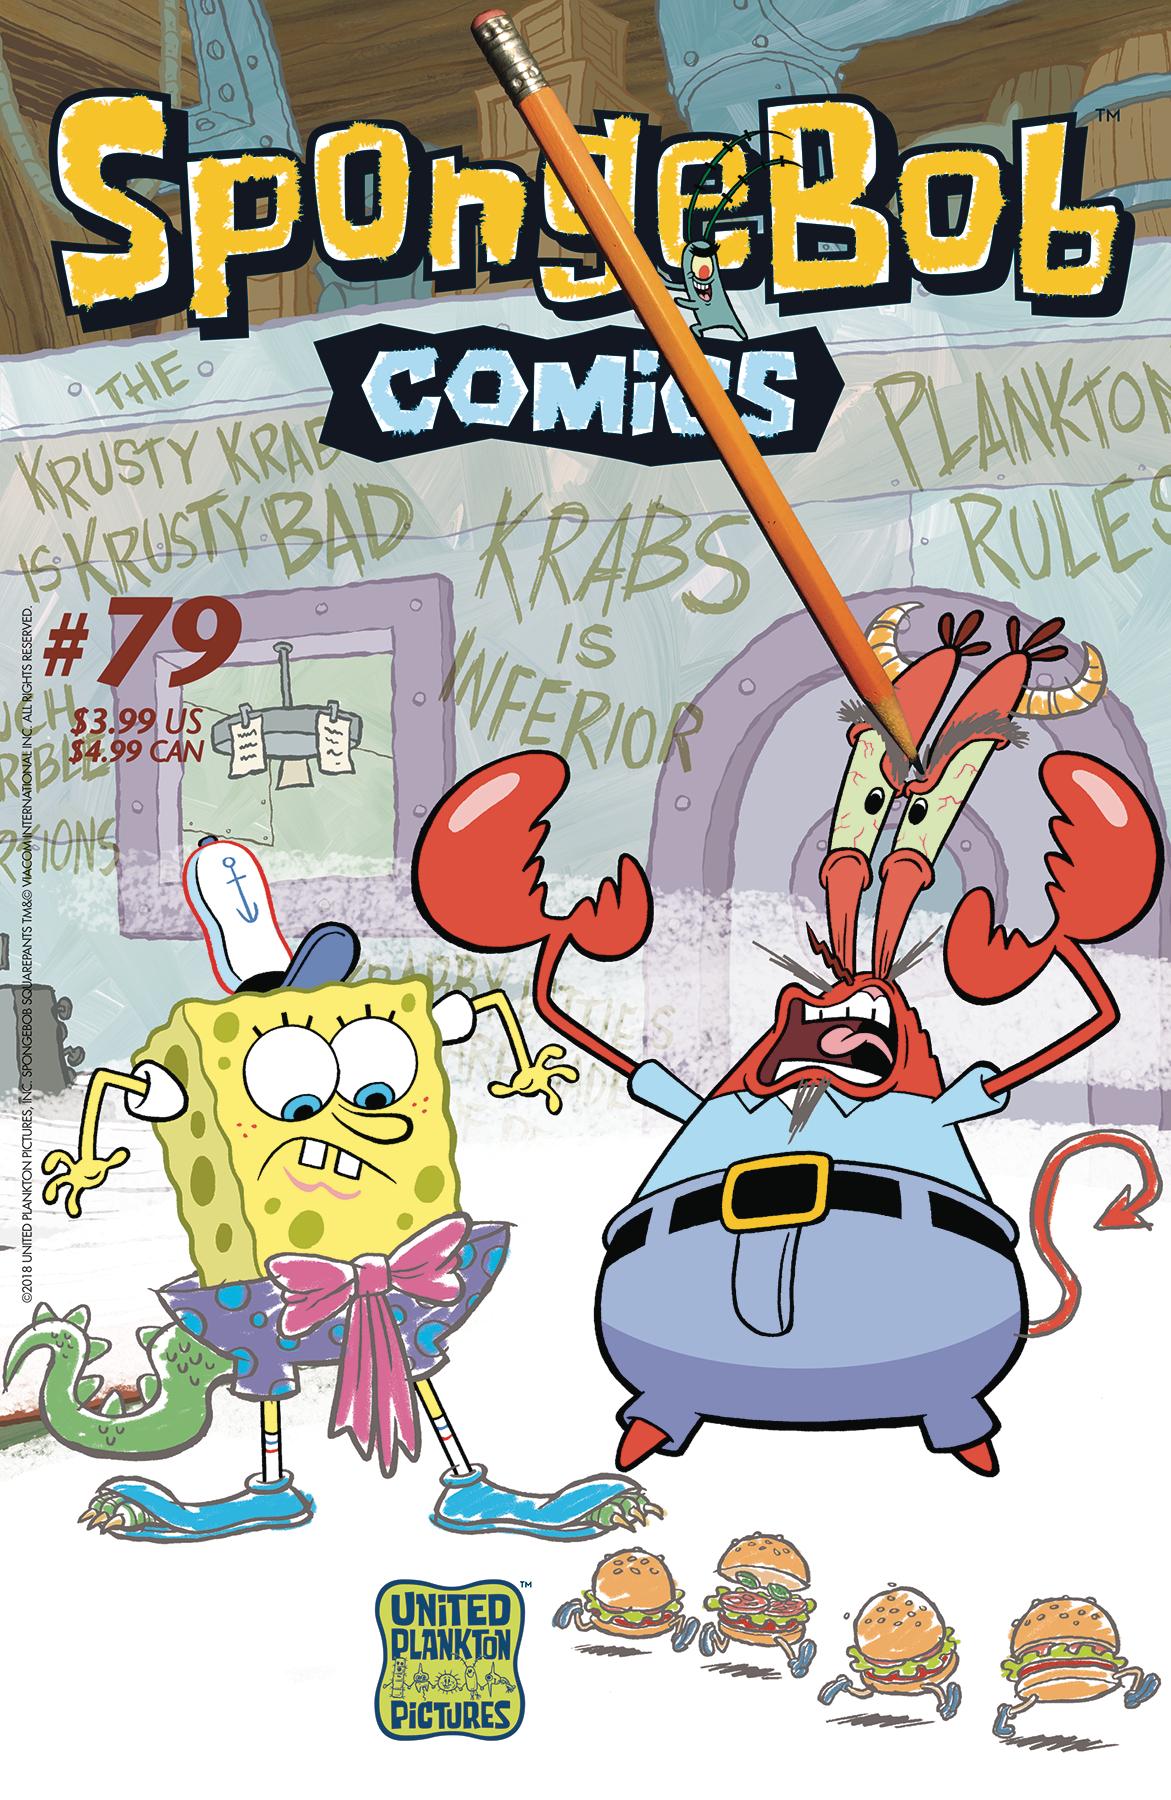 SpongeBob Comics No. 79